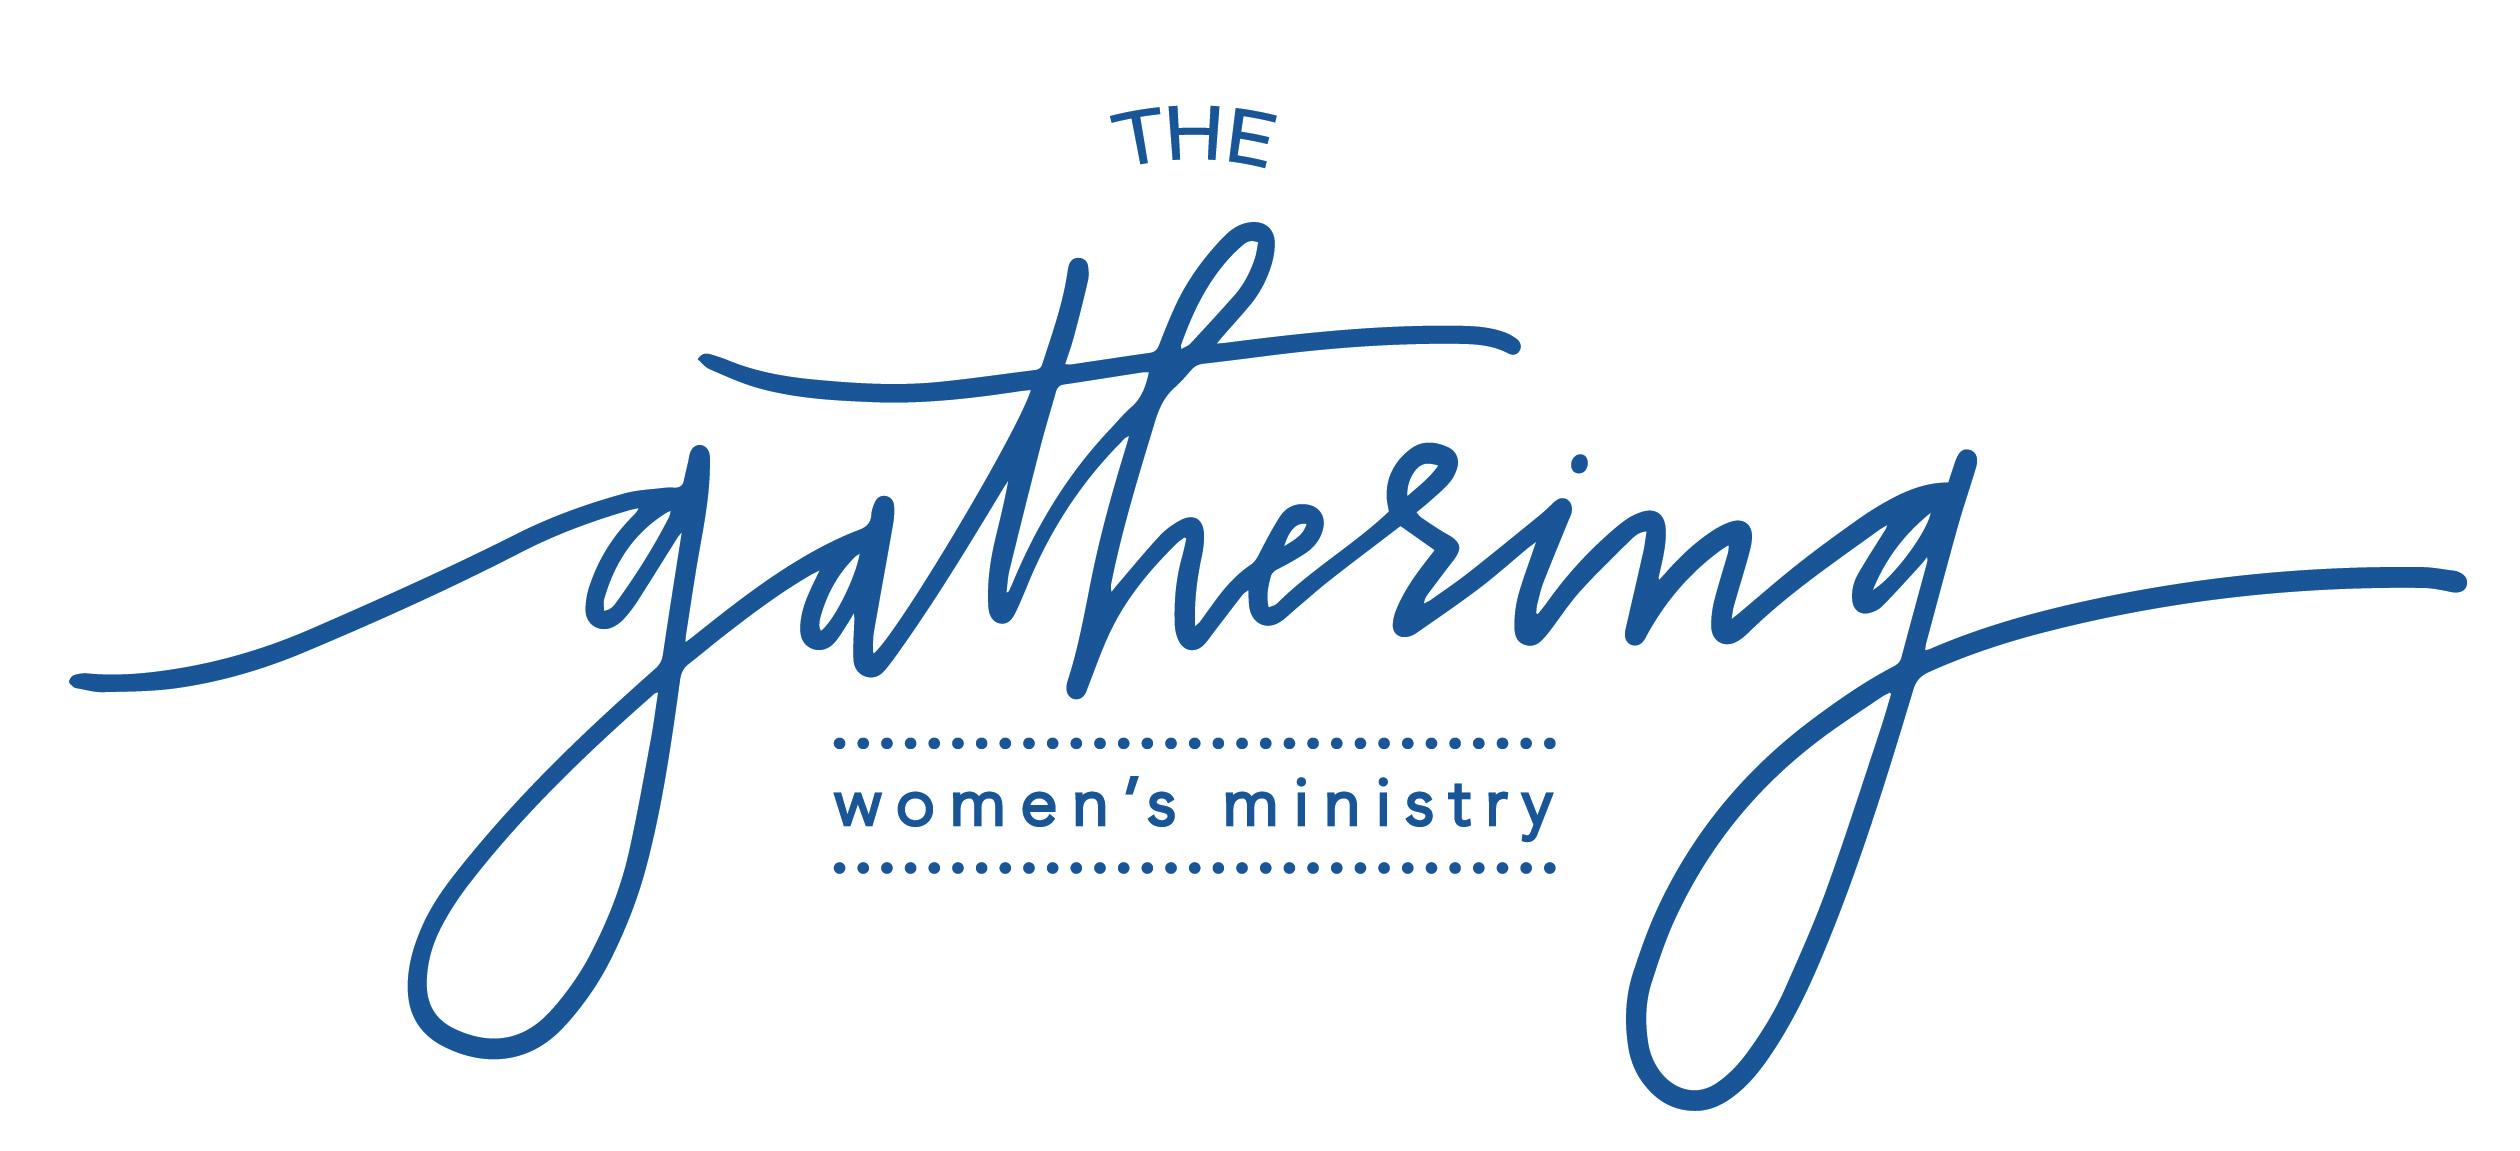 The gathering logo 2017